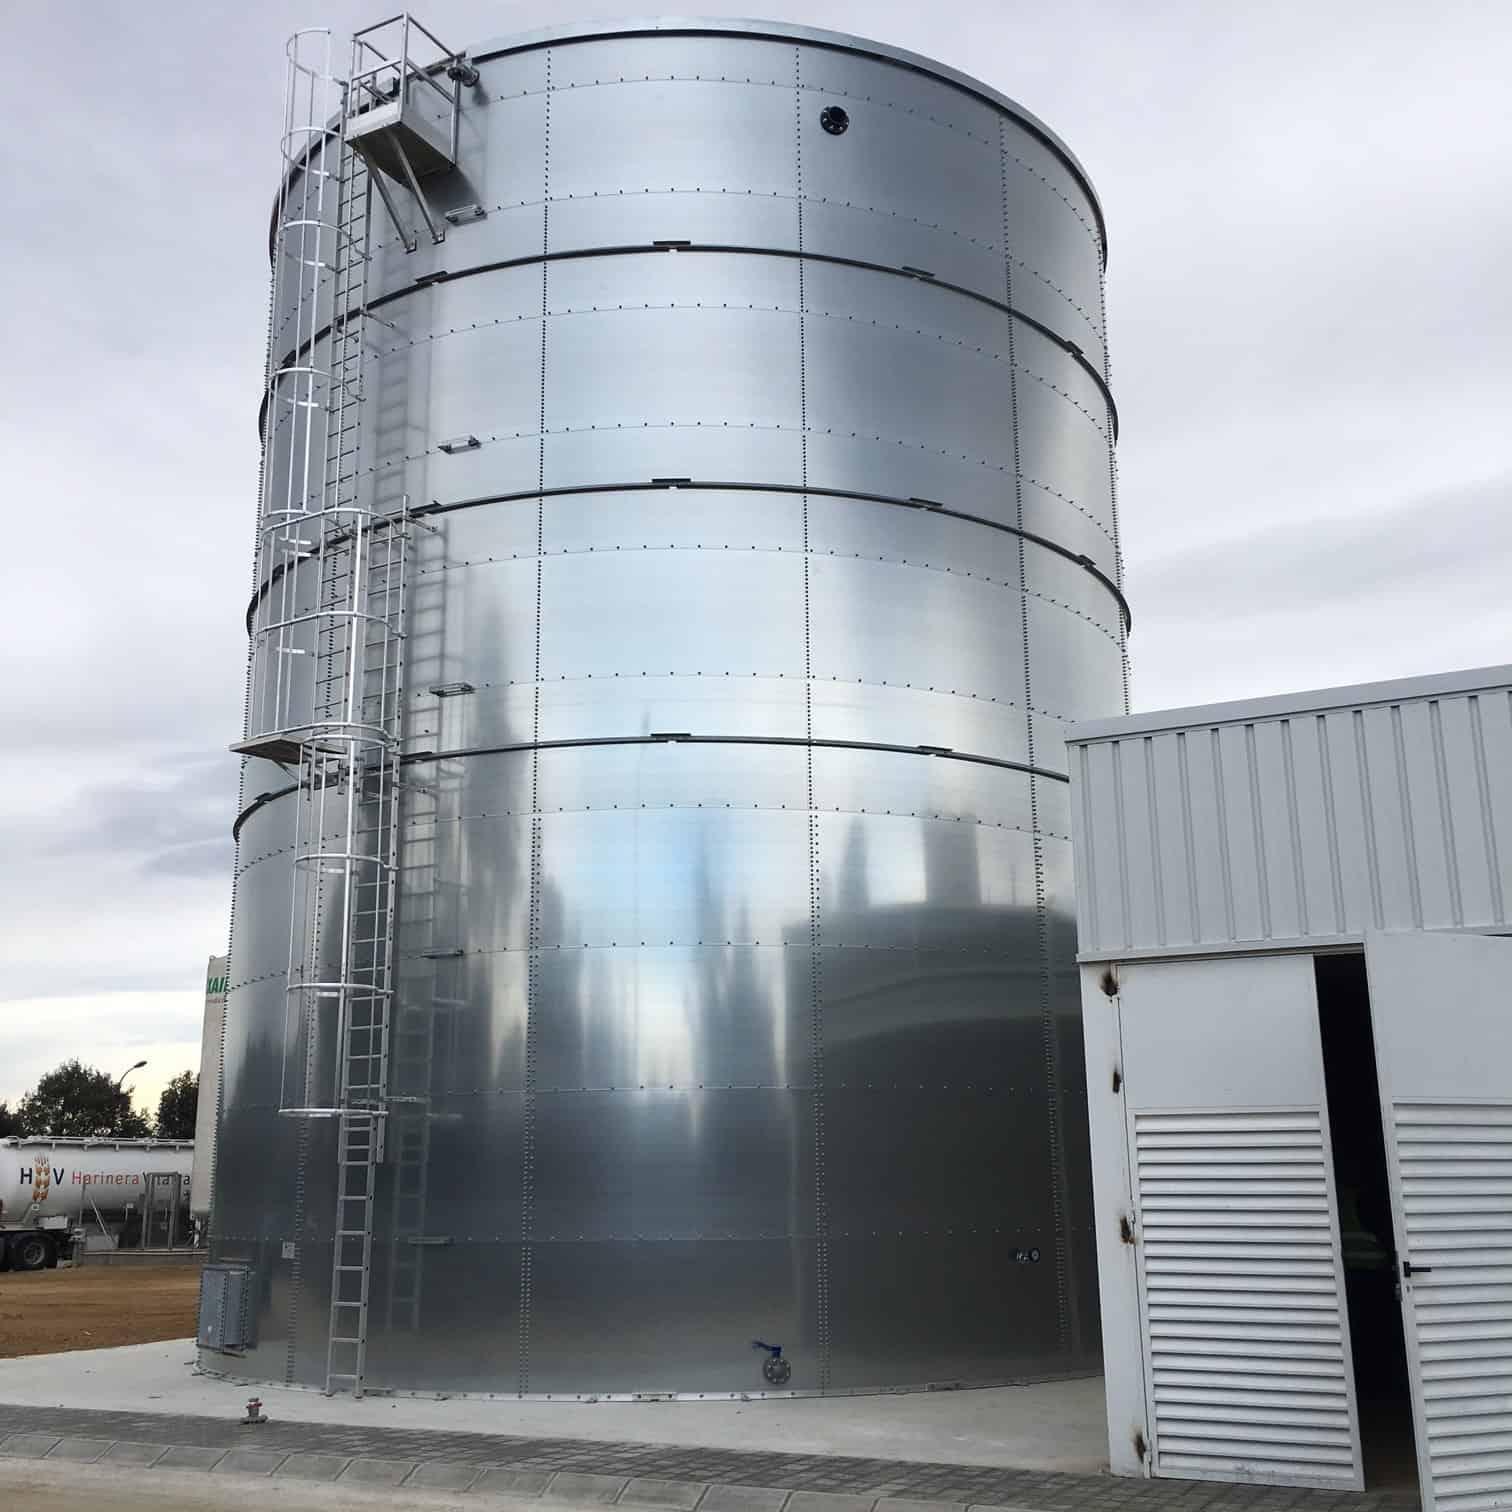 Depositos de agua contra incendios normativa